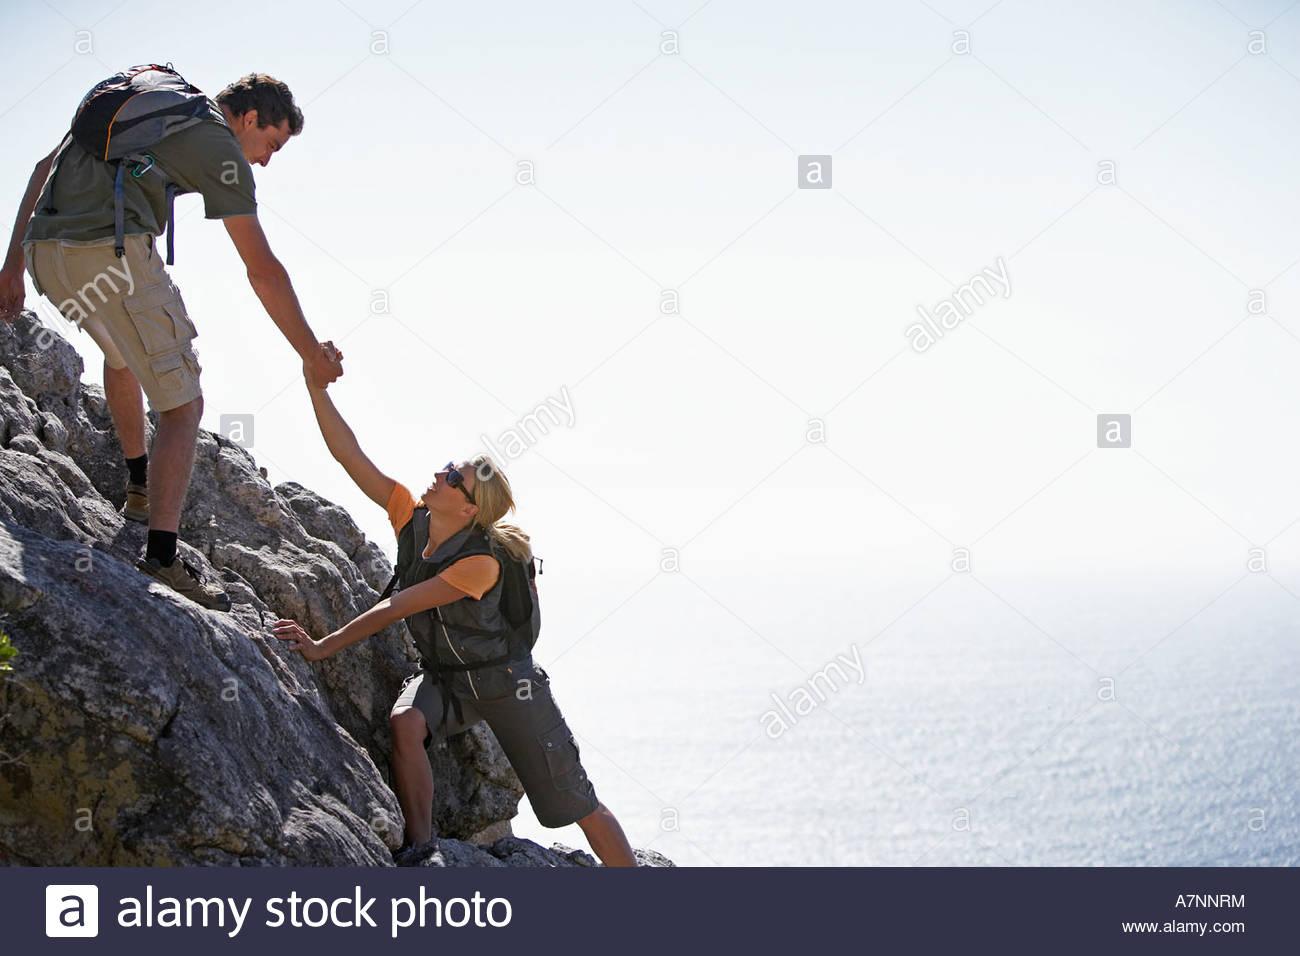 Par de escalada con luz solar brillante hombre ayuda a la mujer en el fondo del mar vista lateral Imagen De Stock